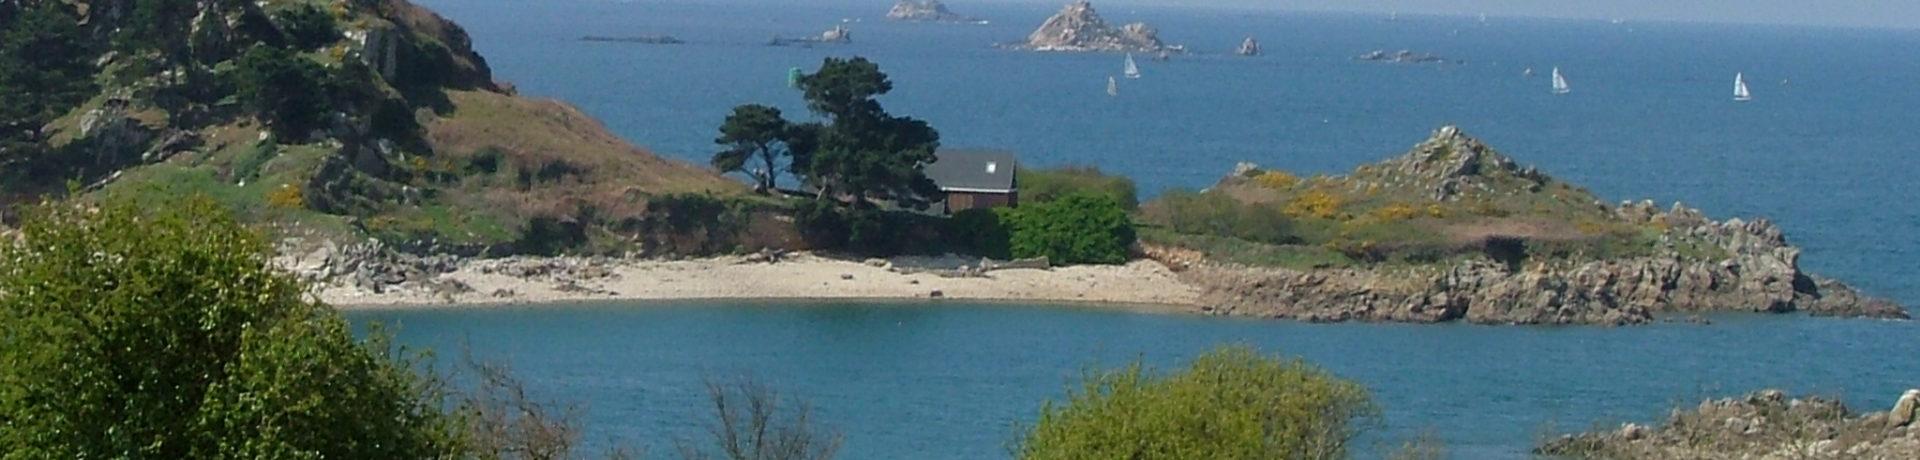 Camping La Baie De Terenez in Plouezoc'H is een groene camping met zwembad in een bloemrijke en schaduwrijke omgeving in Finistère in Bretagne.